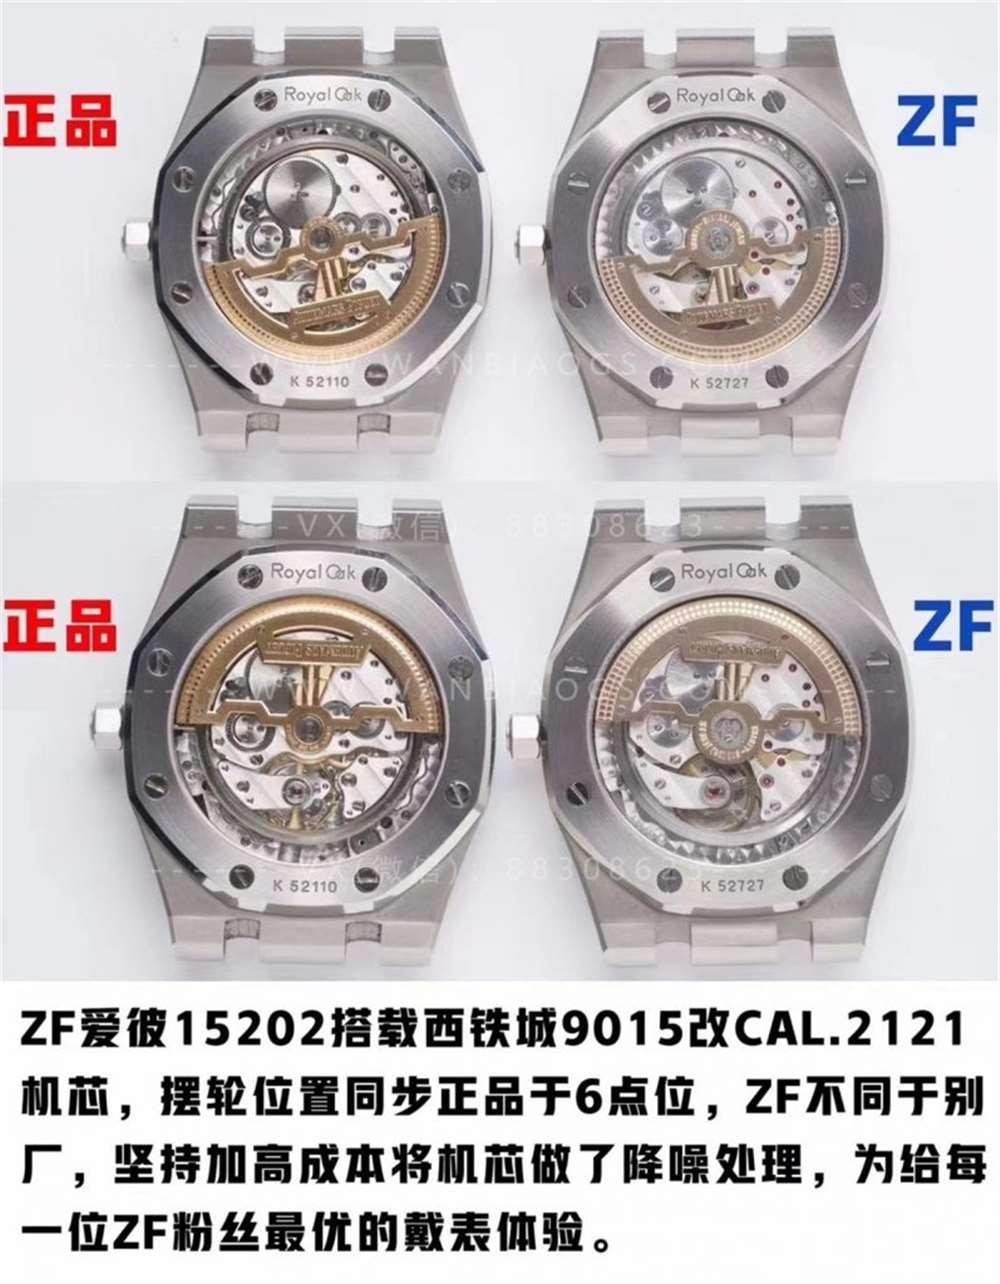 ZF厂爱彼15202对比原装深度评测